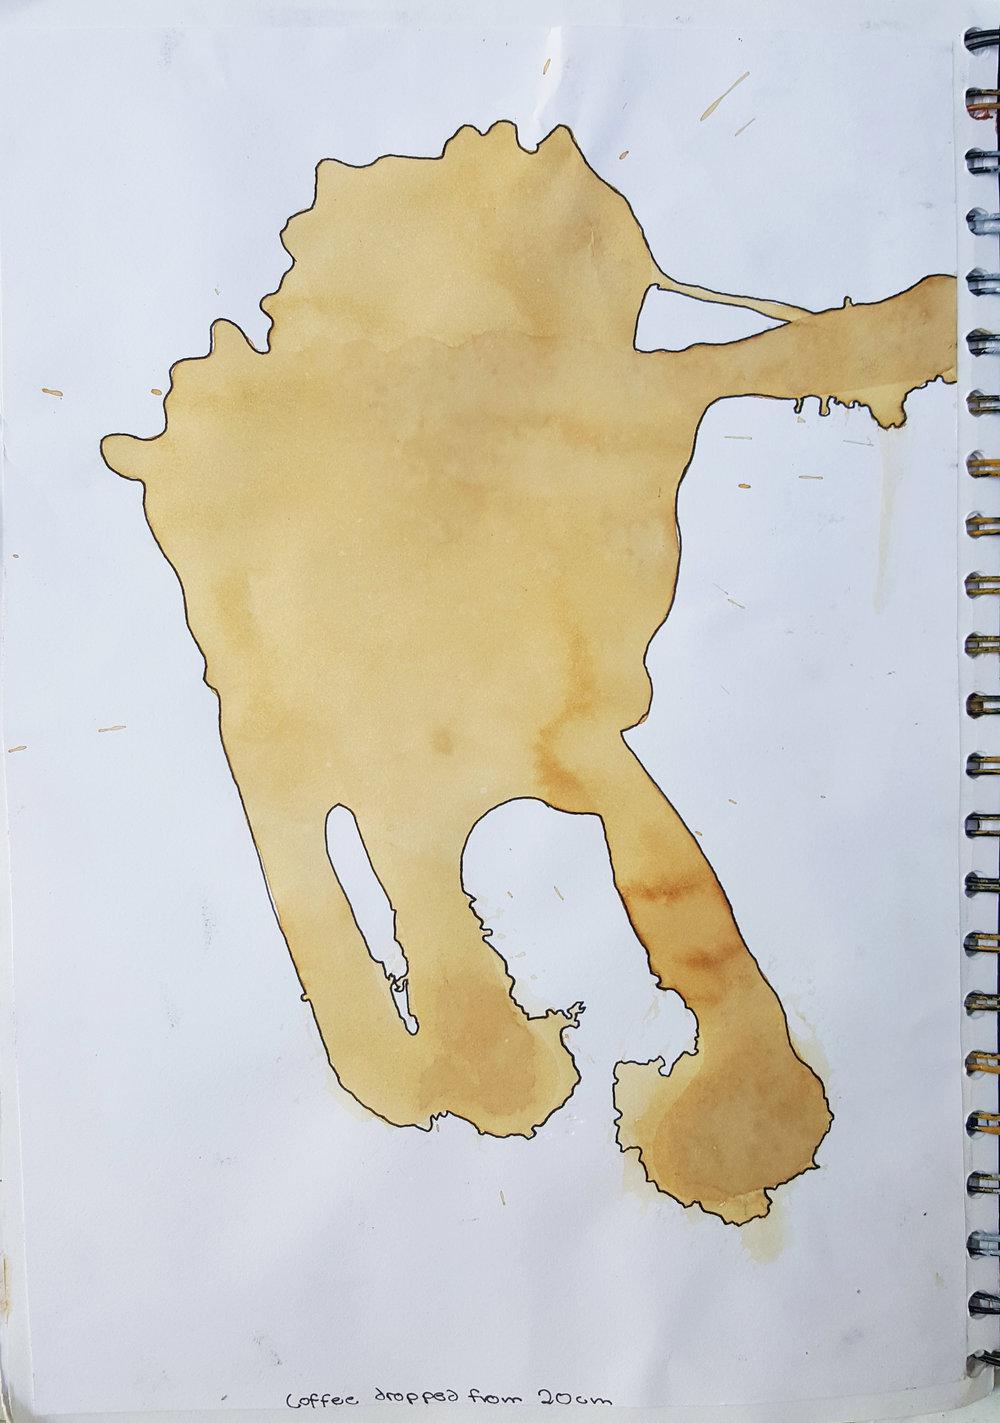 Coffee Spill 1.jpg